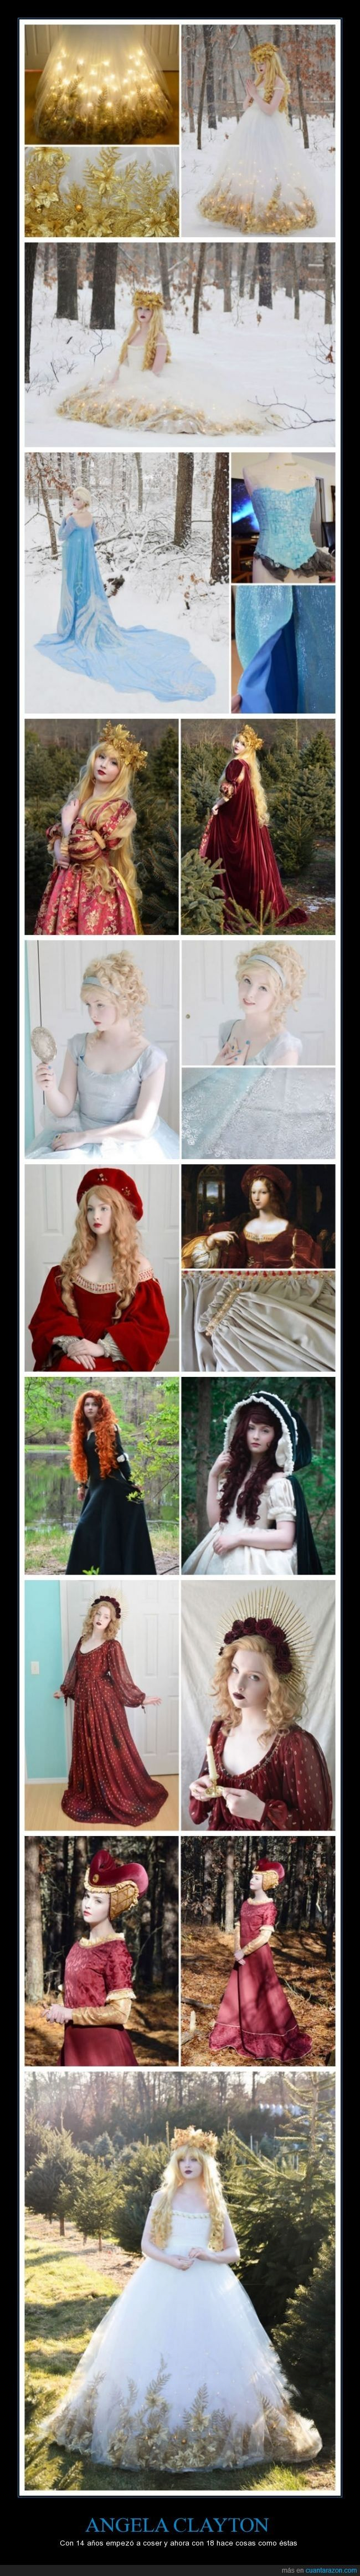 Angela Clayton hace trajes de cuento de hadas ¿adivinas su edad? - Con 14 años empezó a coser y ahora con 18 hace cosas como éstas